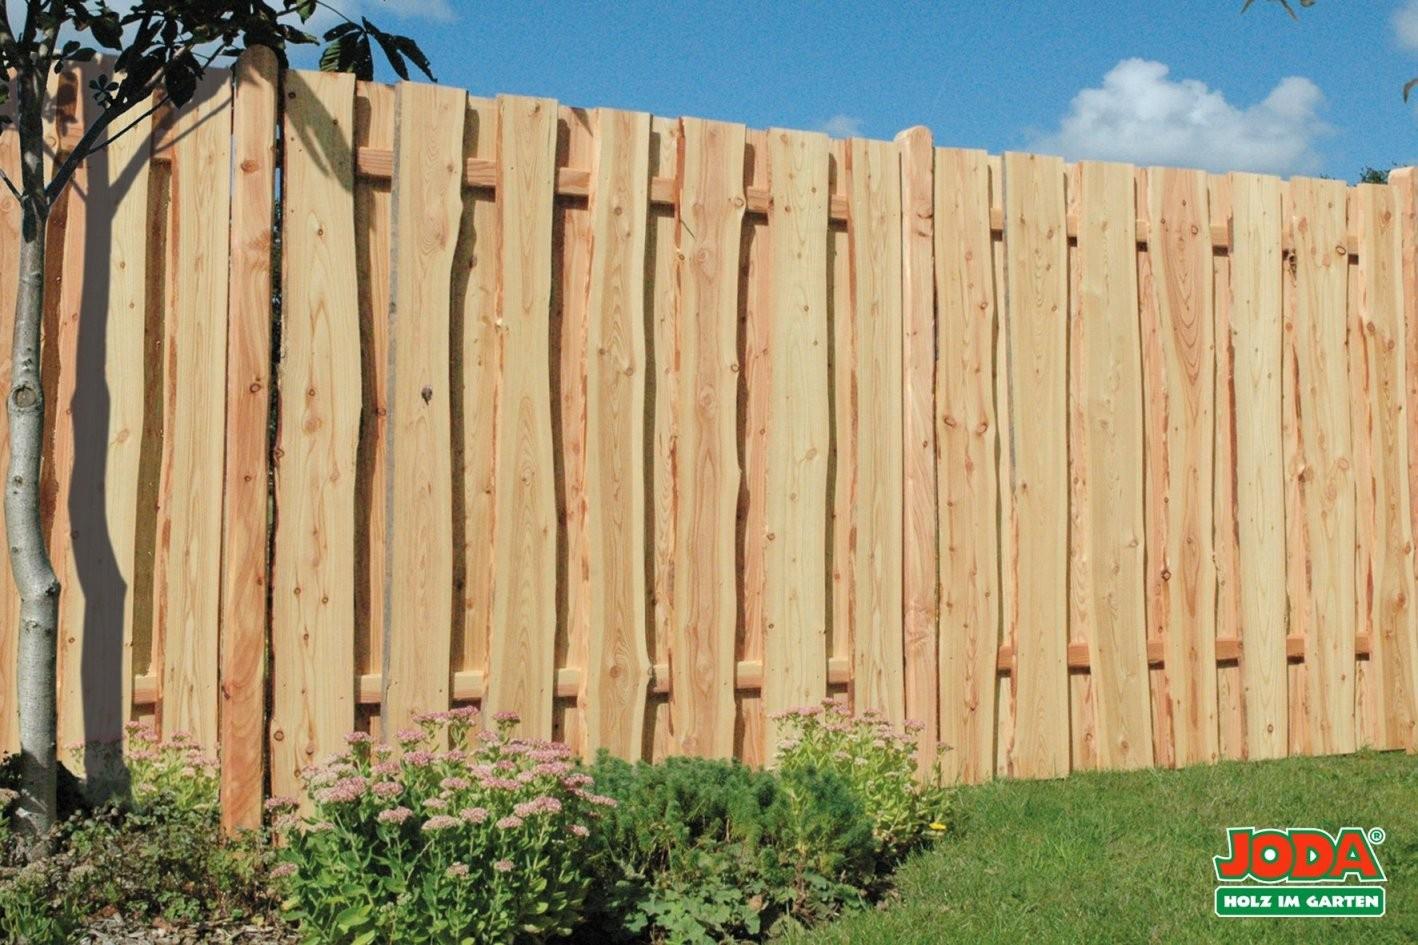 Sichtschutz Larche Selber Bauen 61 And Joda Sichtschutz Zaun von Sichtschutz Lärche Selber Bauen Bild